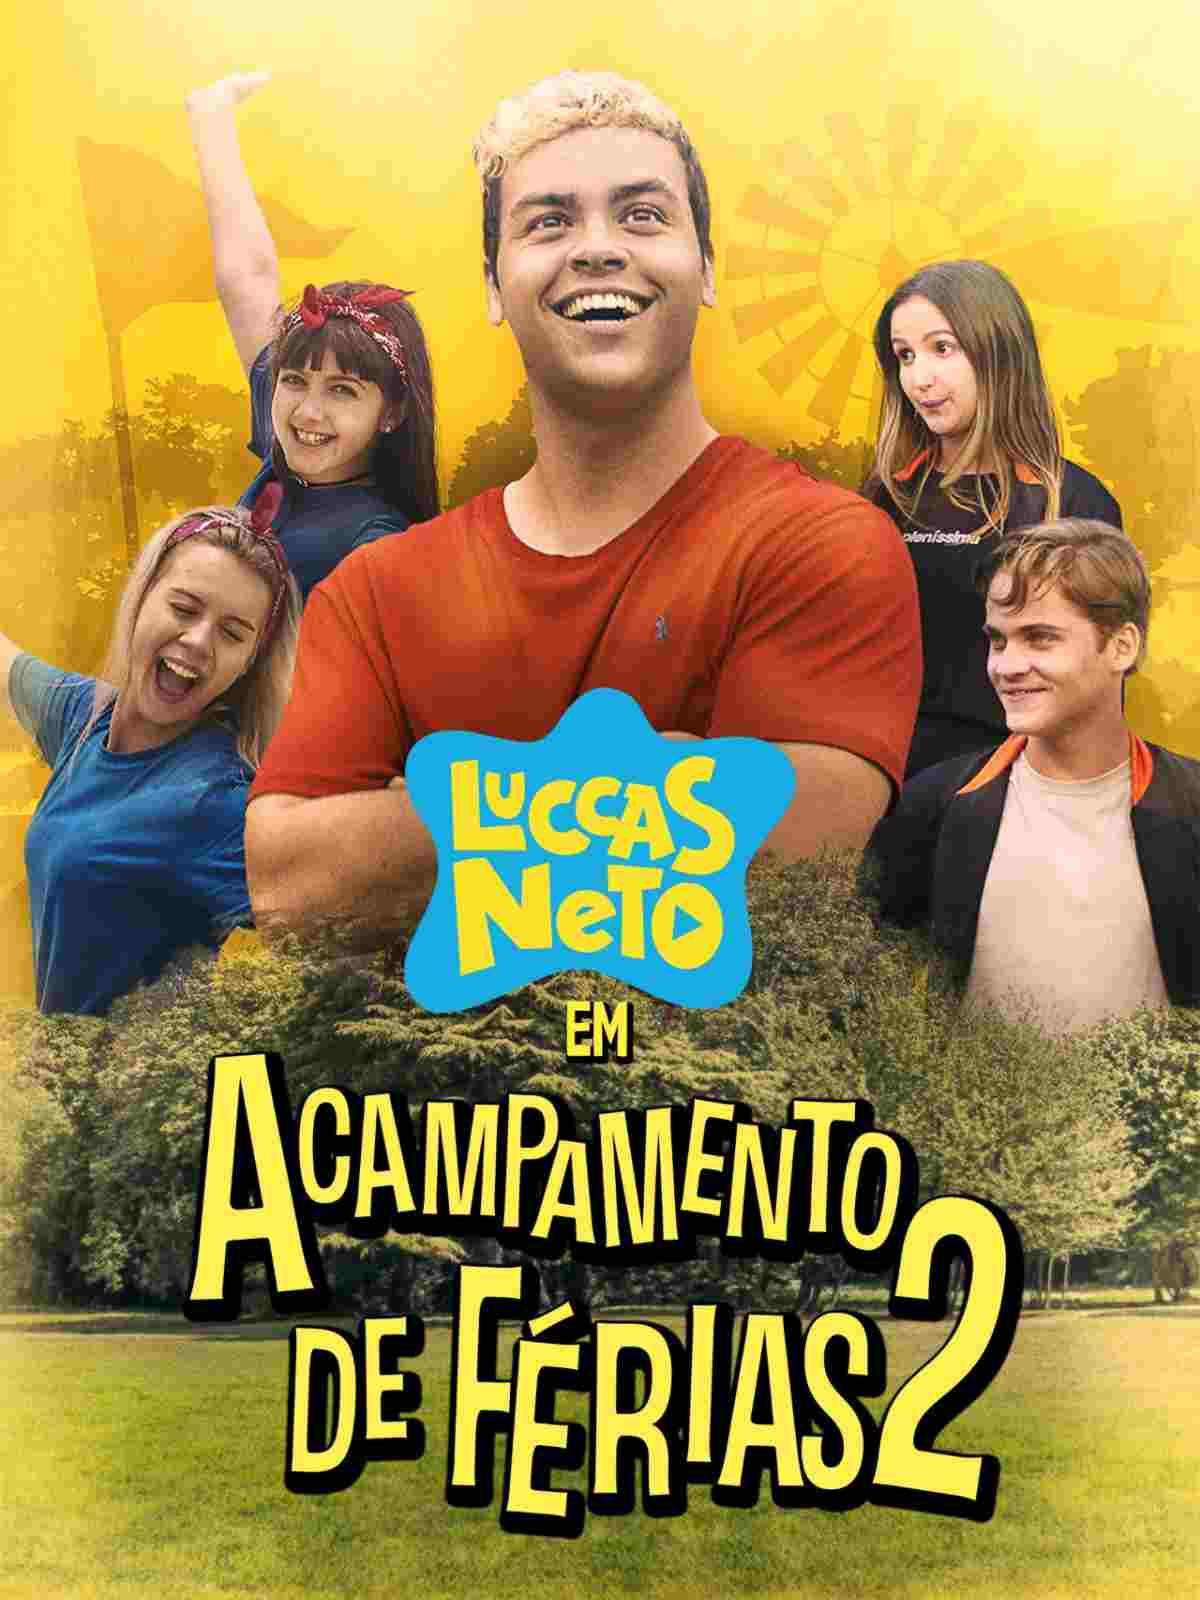 Luccas Neto Em: Acampamento de Férias 2 - Filme 2019 - AdoroCinema